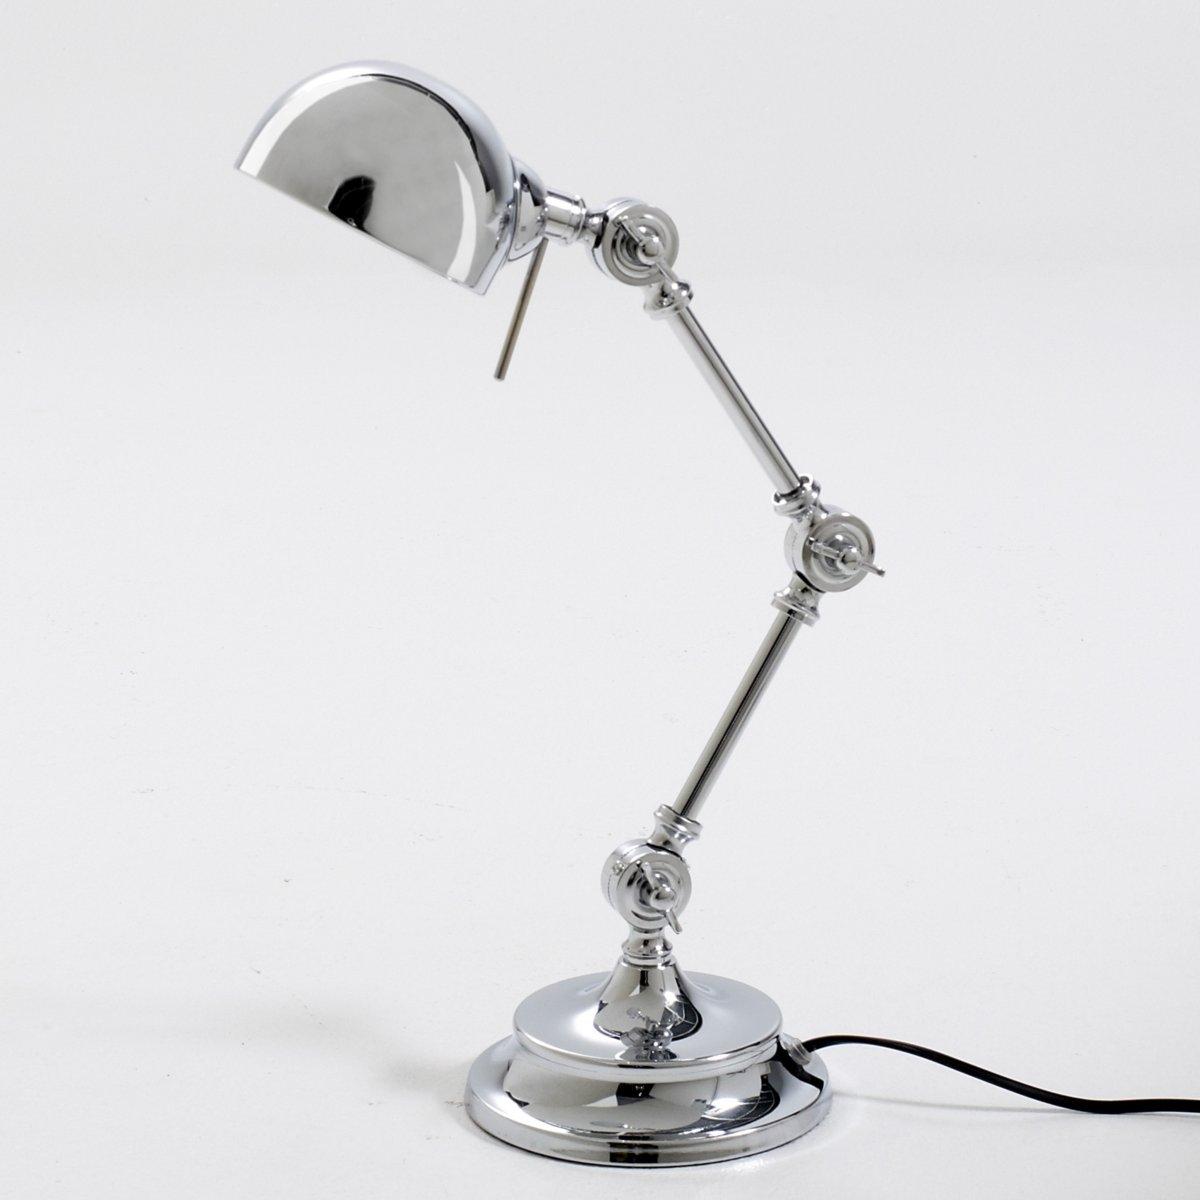 Лампа настольная из металла в промышленном стиле, Kikan от La Redoute